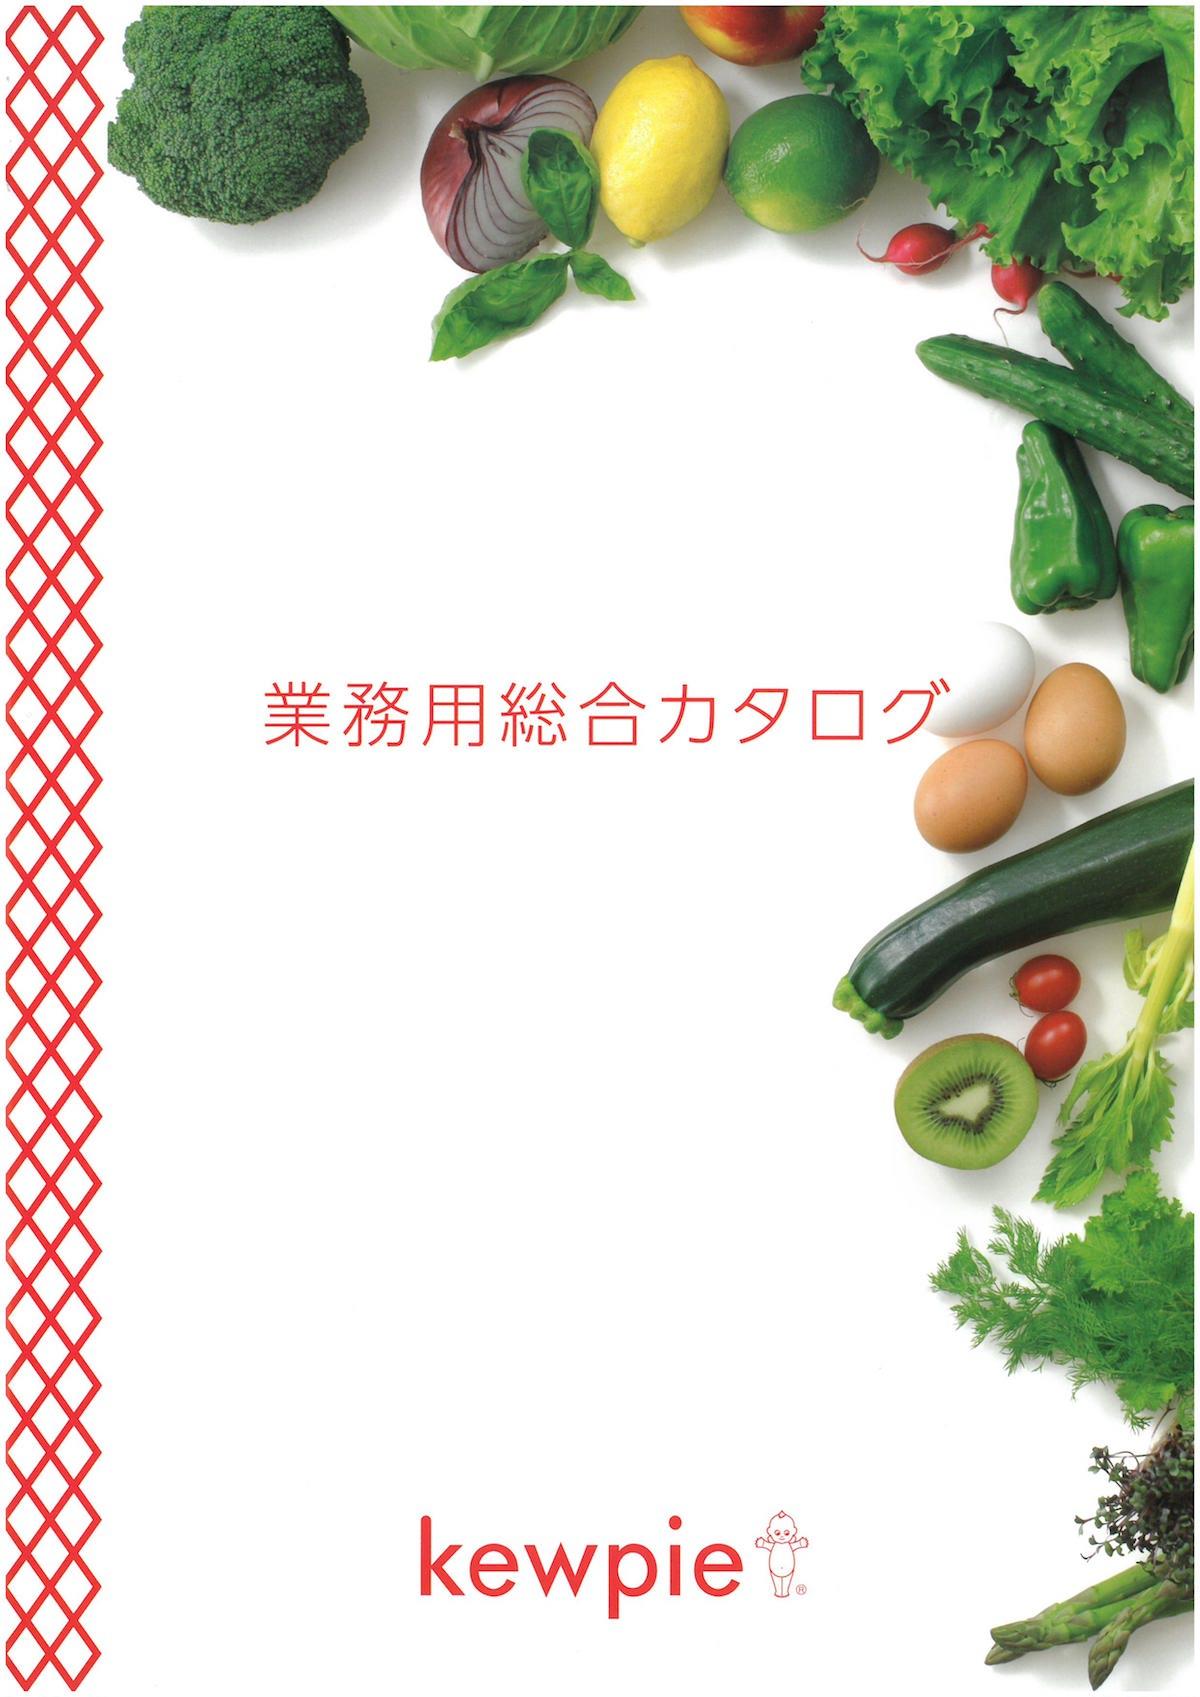 キューピー業務用総合カタログ